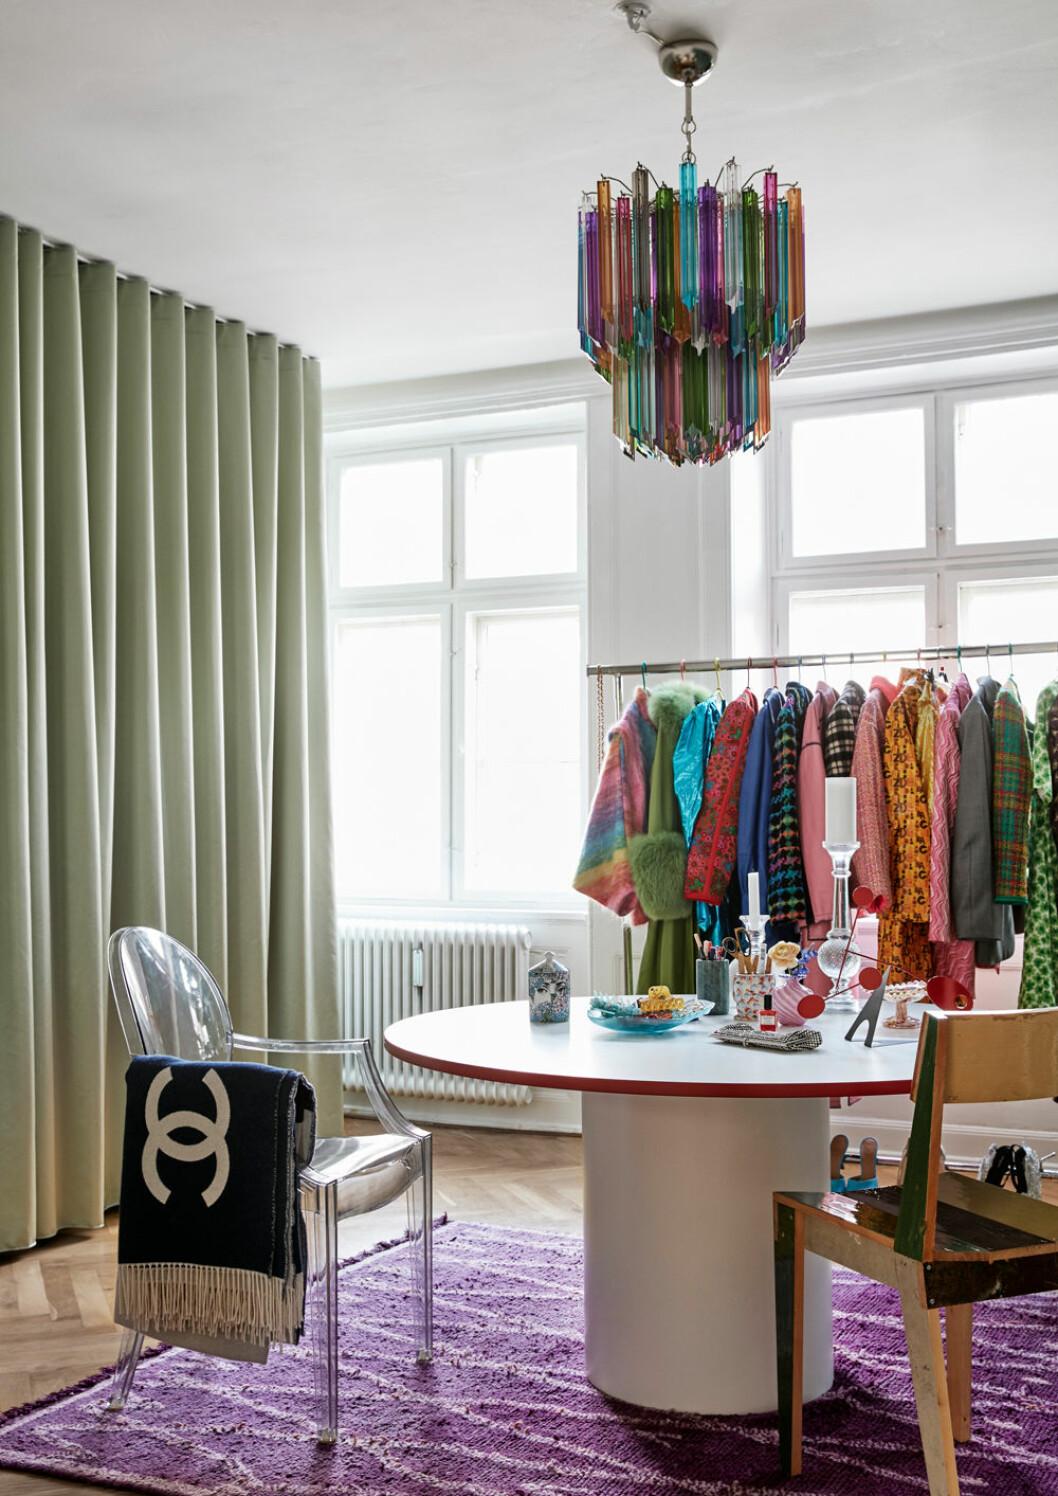 Hemma hos Emili Sindlev Köpenhamn walk in closet